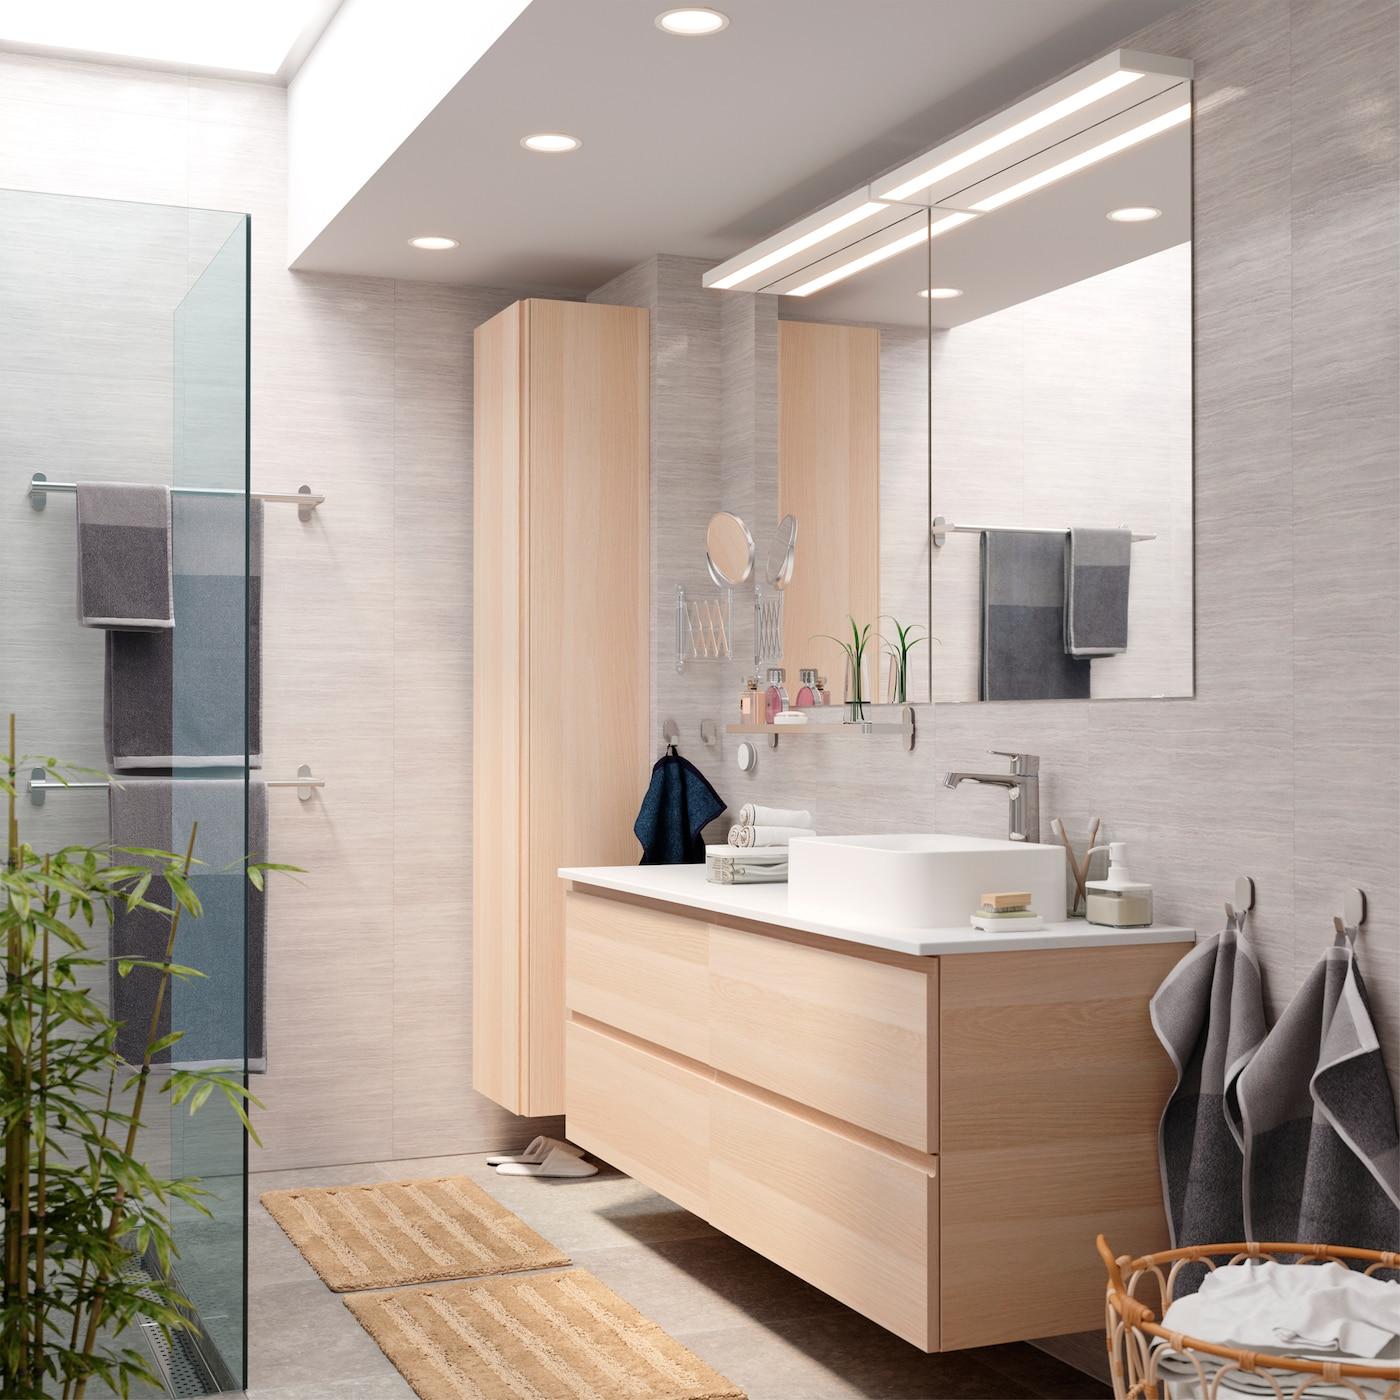 Badezimmer Inspiration Freundlich und hell   IKEA Österreich